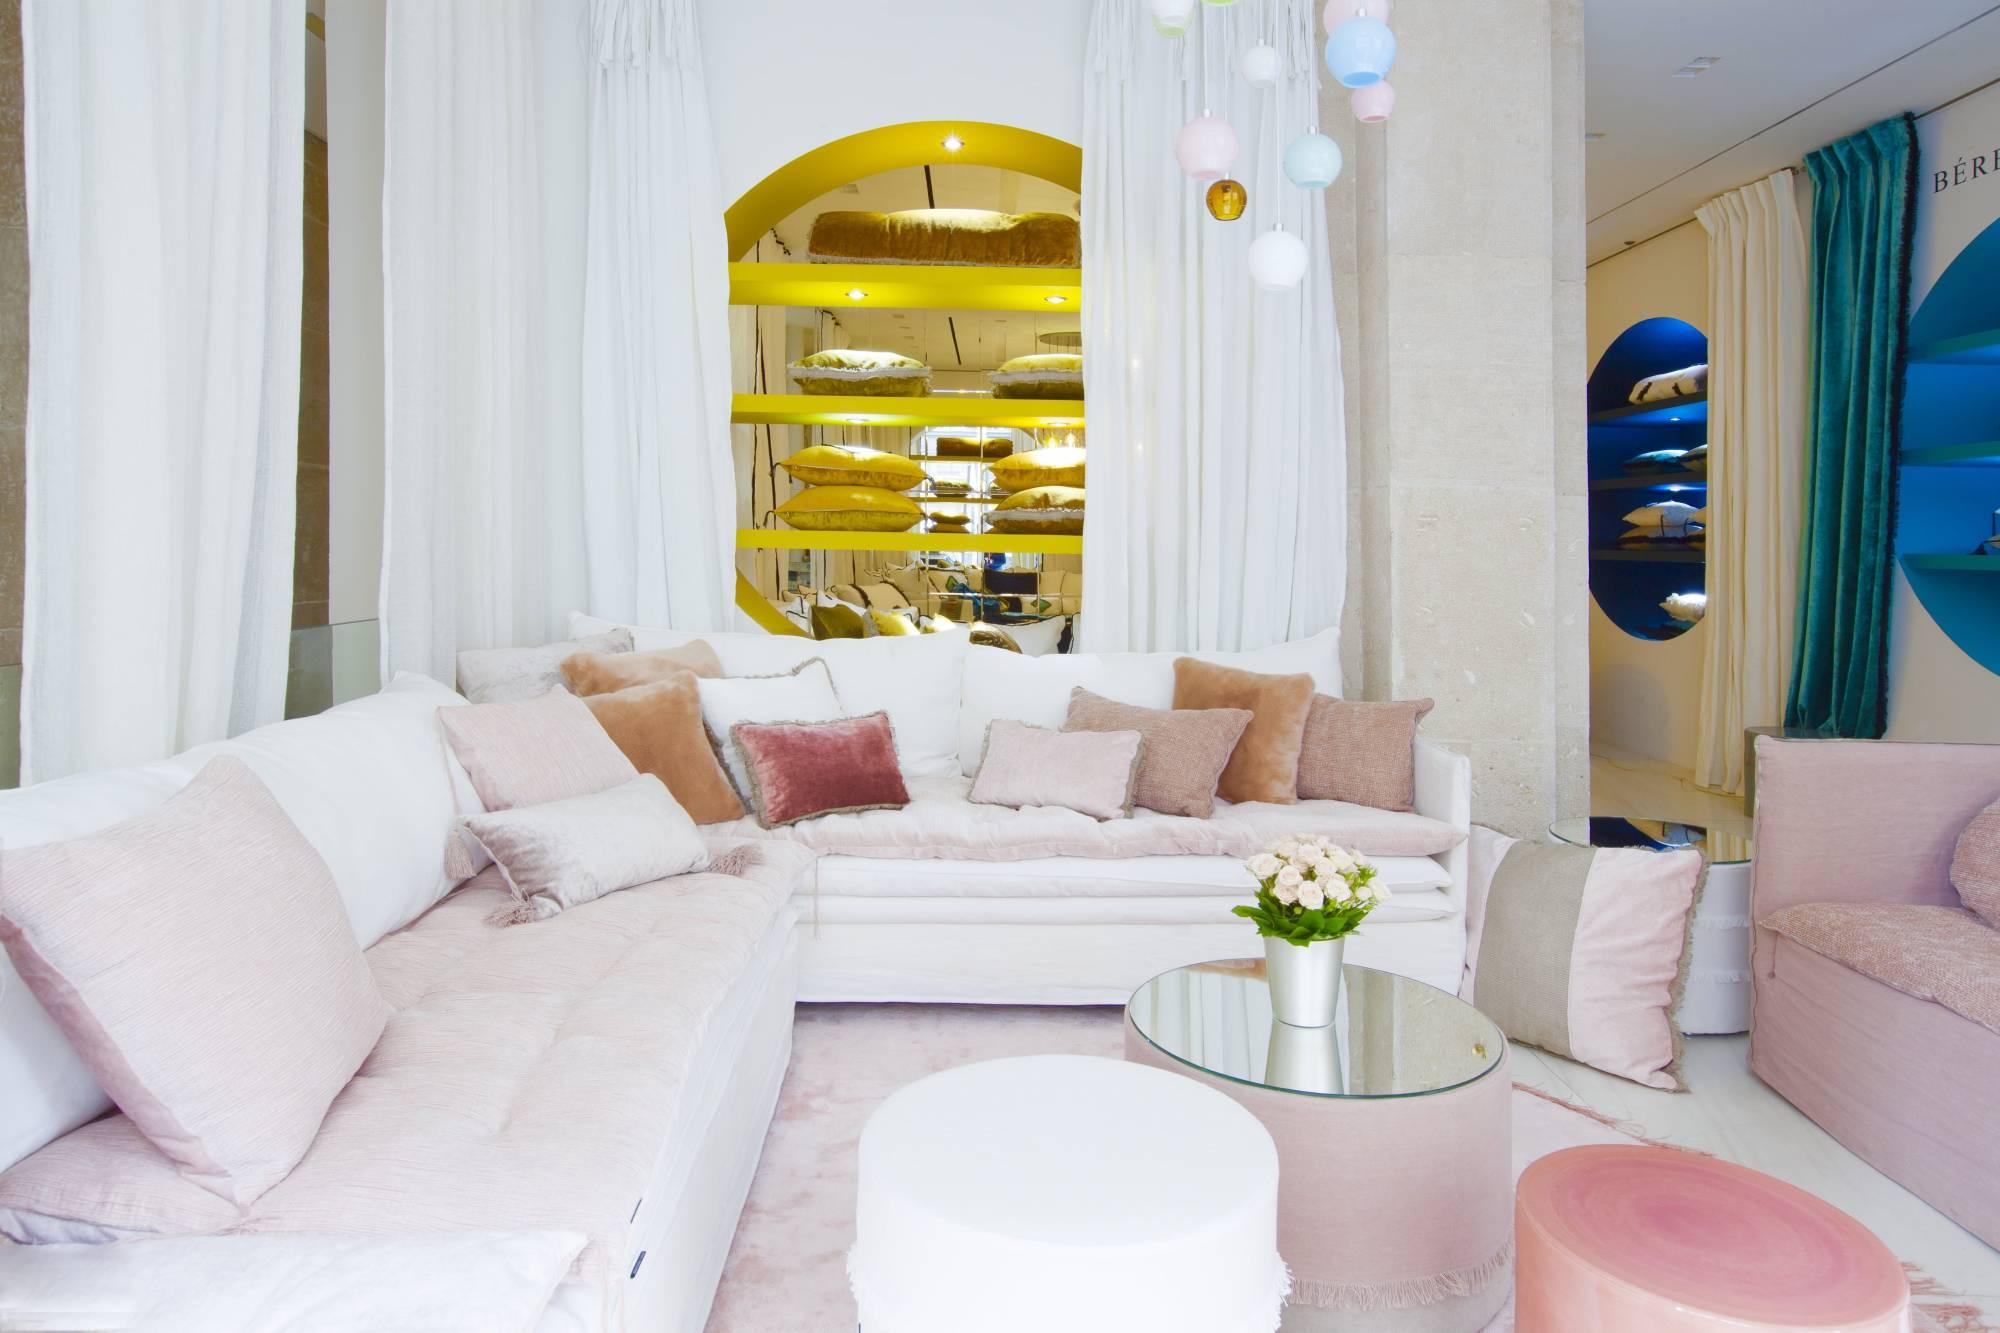 Magasin De Tissus Salon De Provence magasin de mobilier design haut de gamme en provence alpes